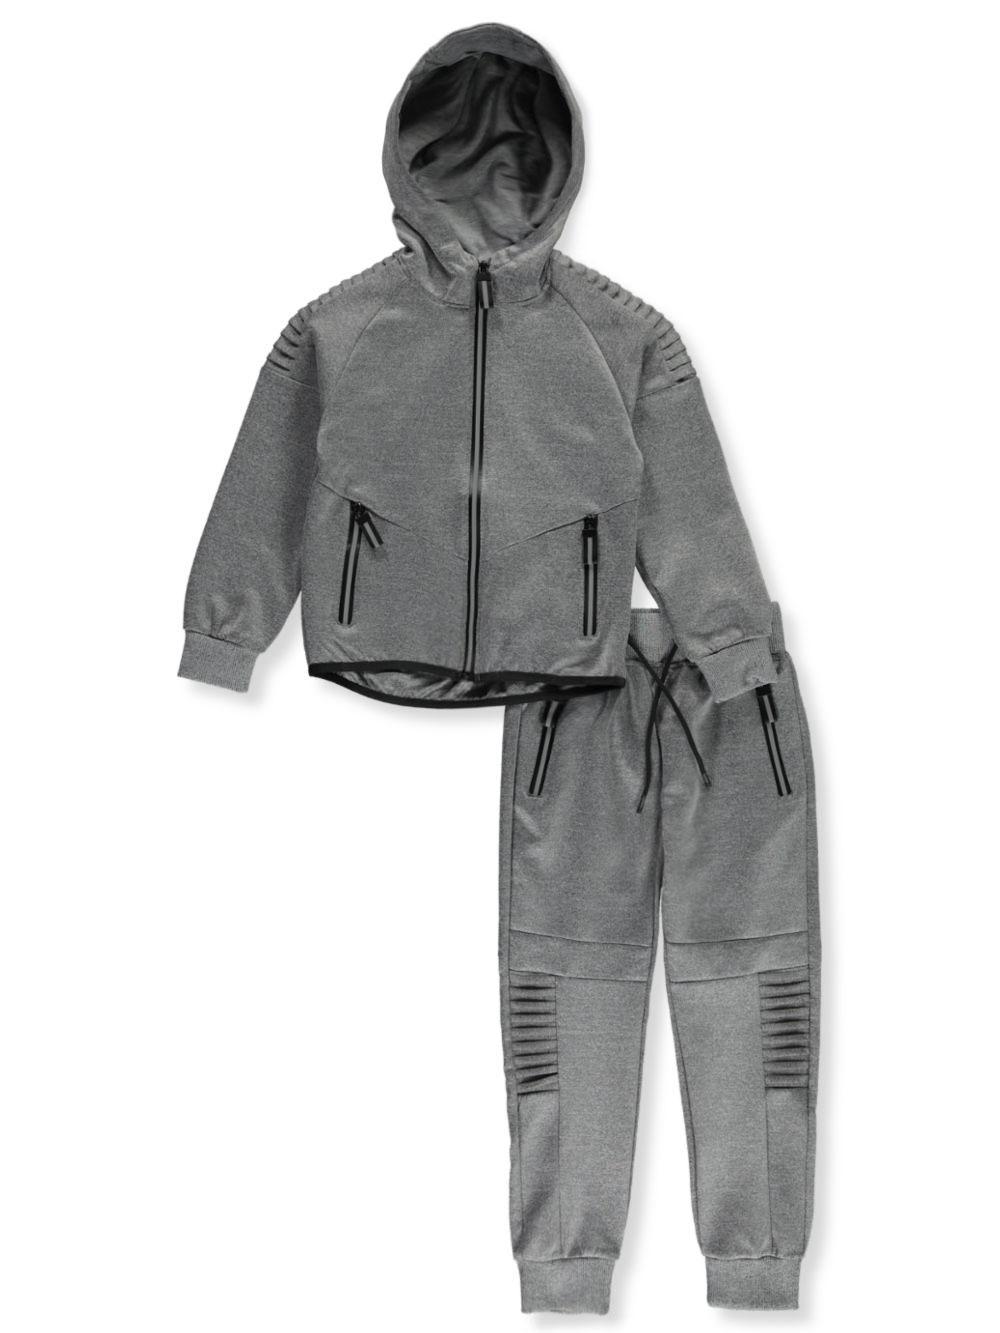 Pro Athlete Boys Logo Trim 2-Piece Sweatsuit Pants Set